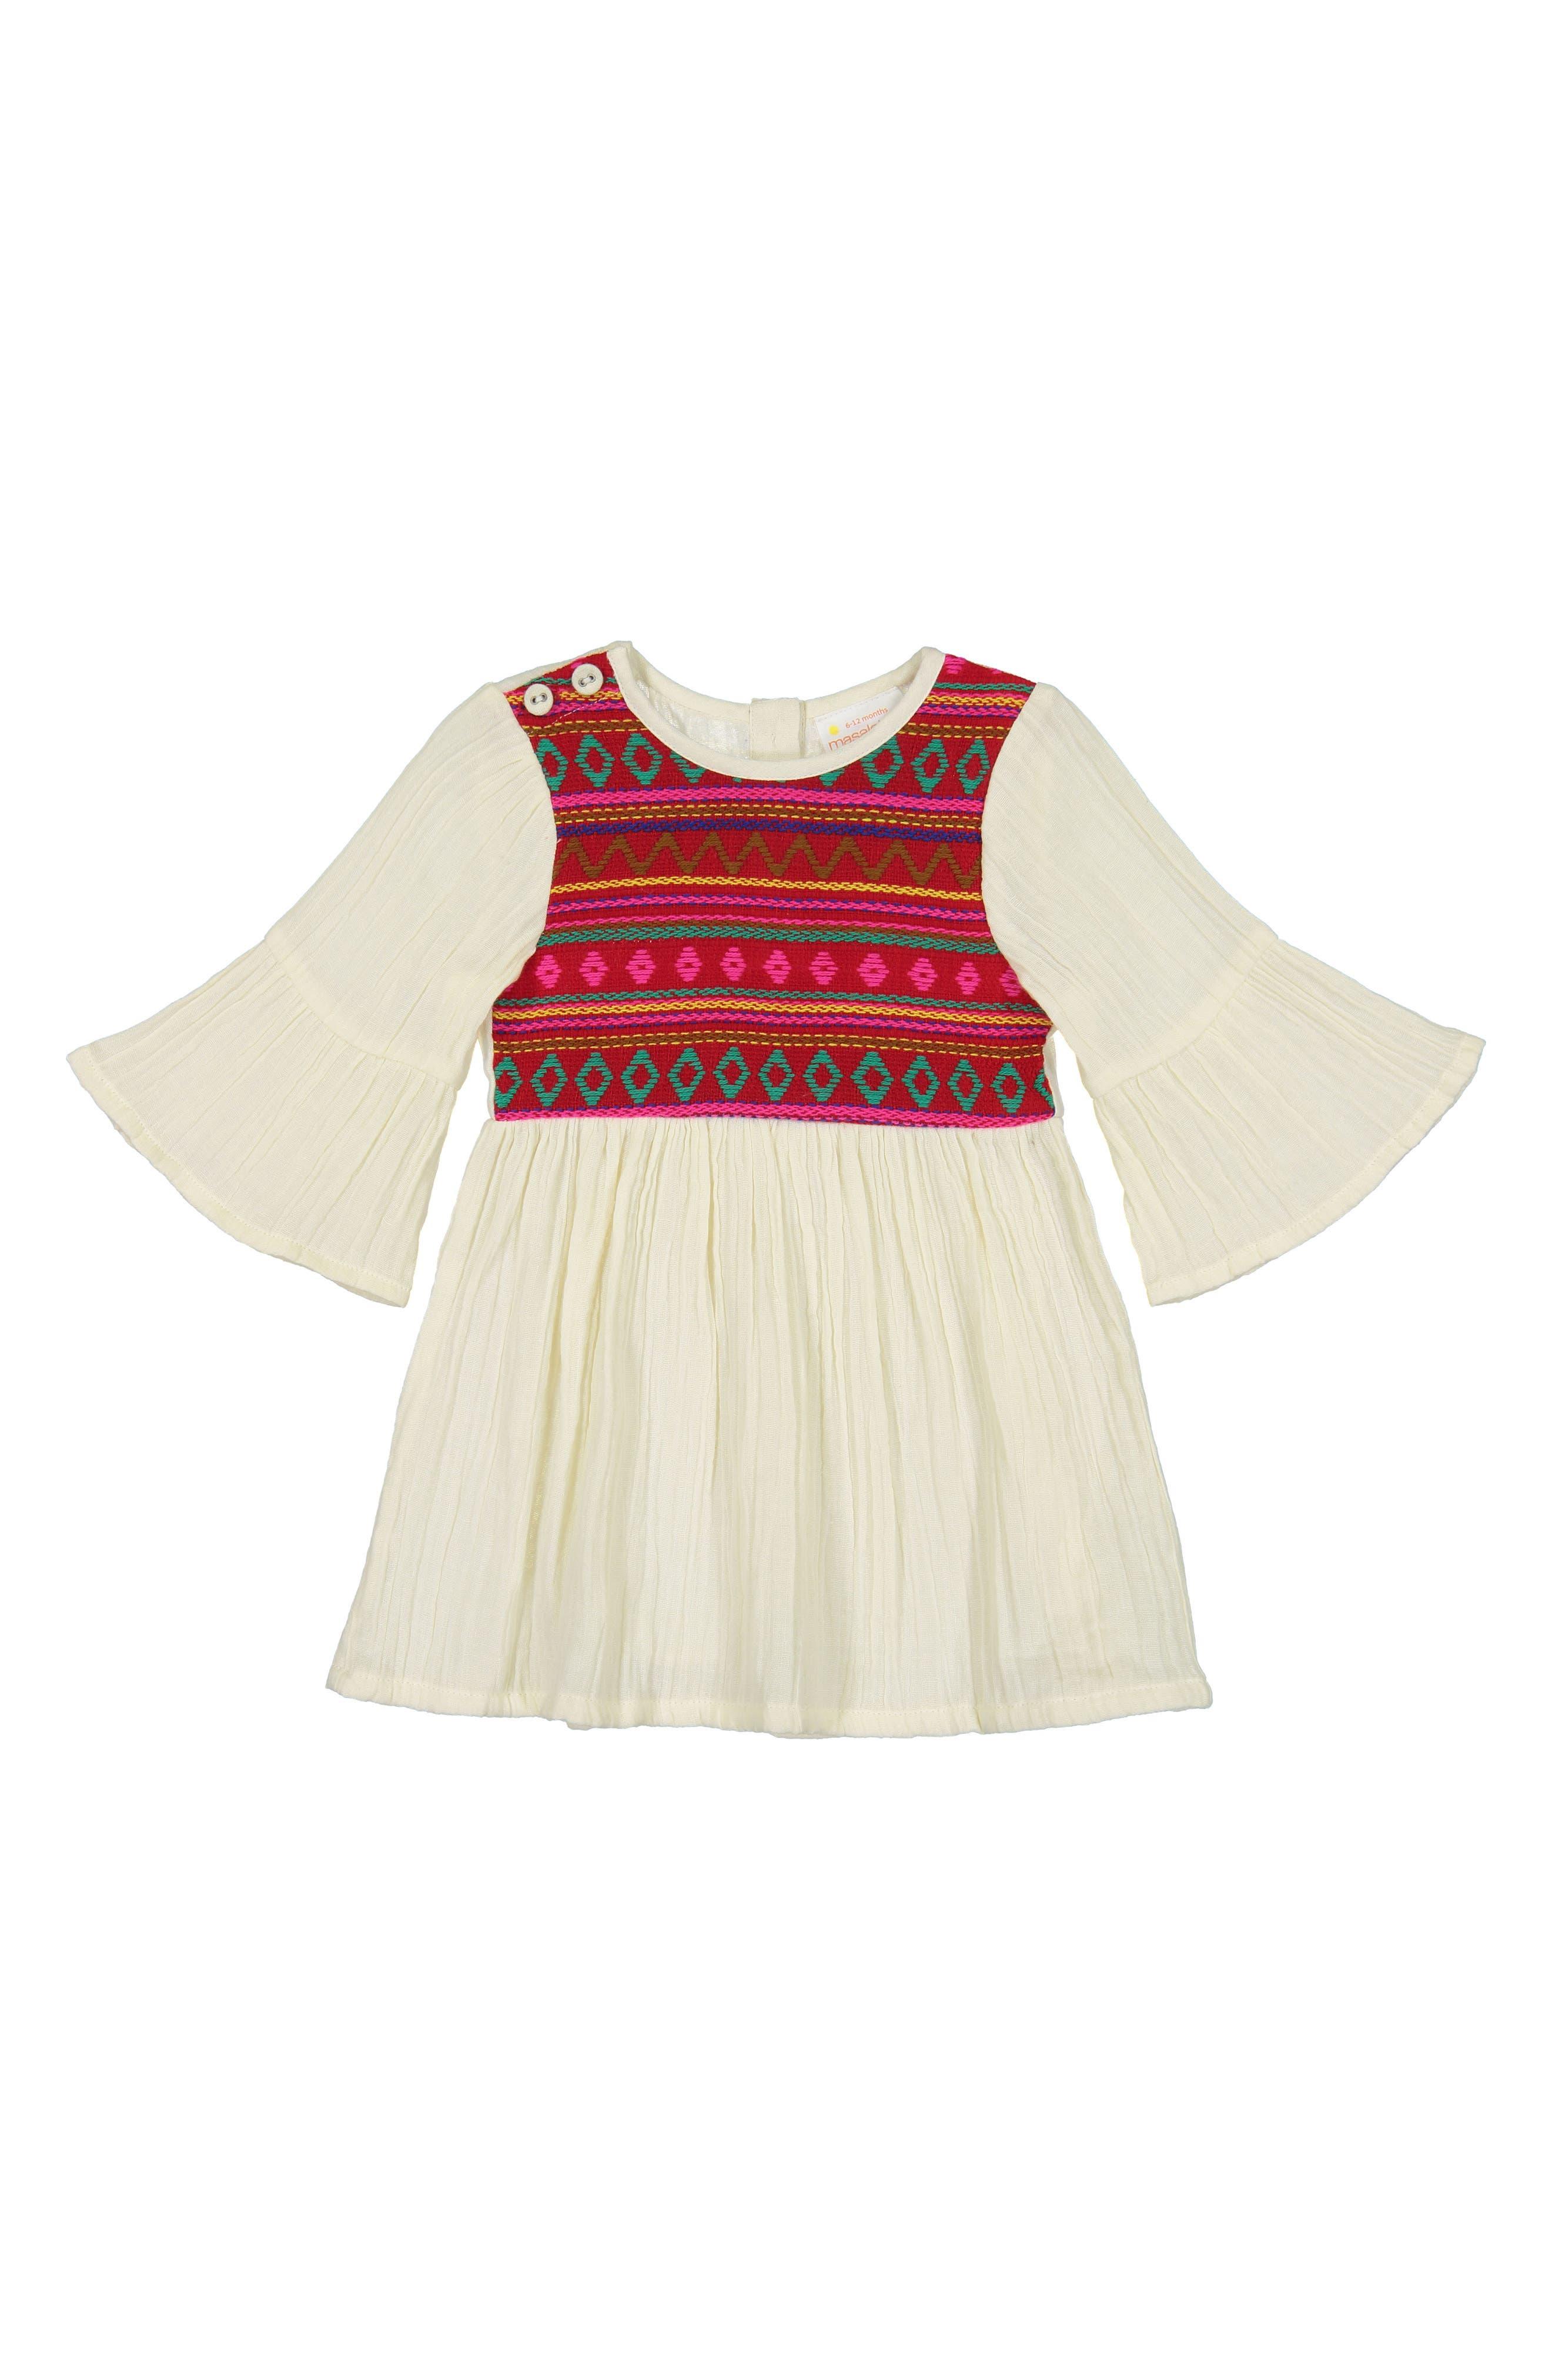 Simple Jacquard Dress,                             Main thumbnail 1, color,                             600